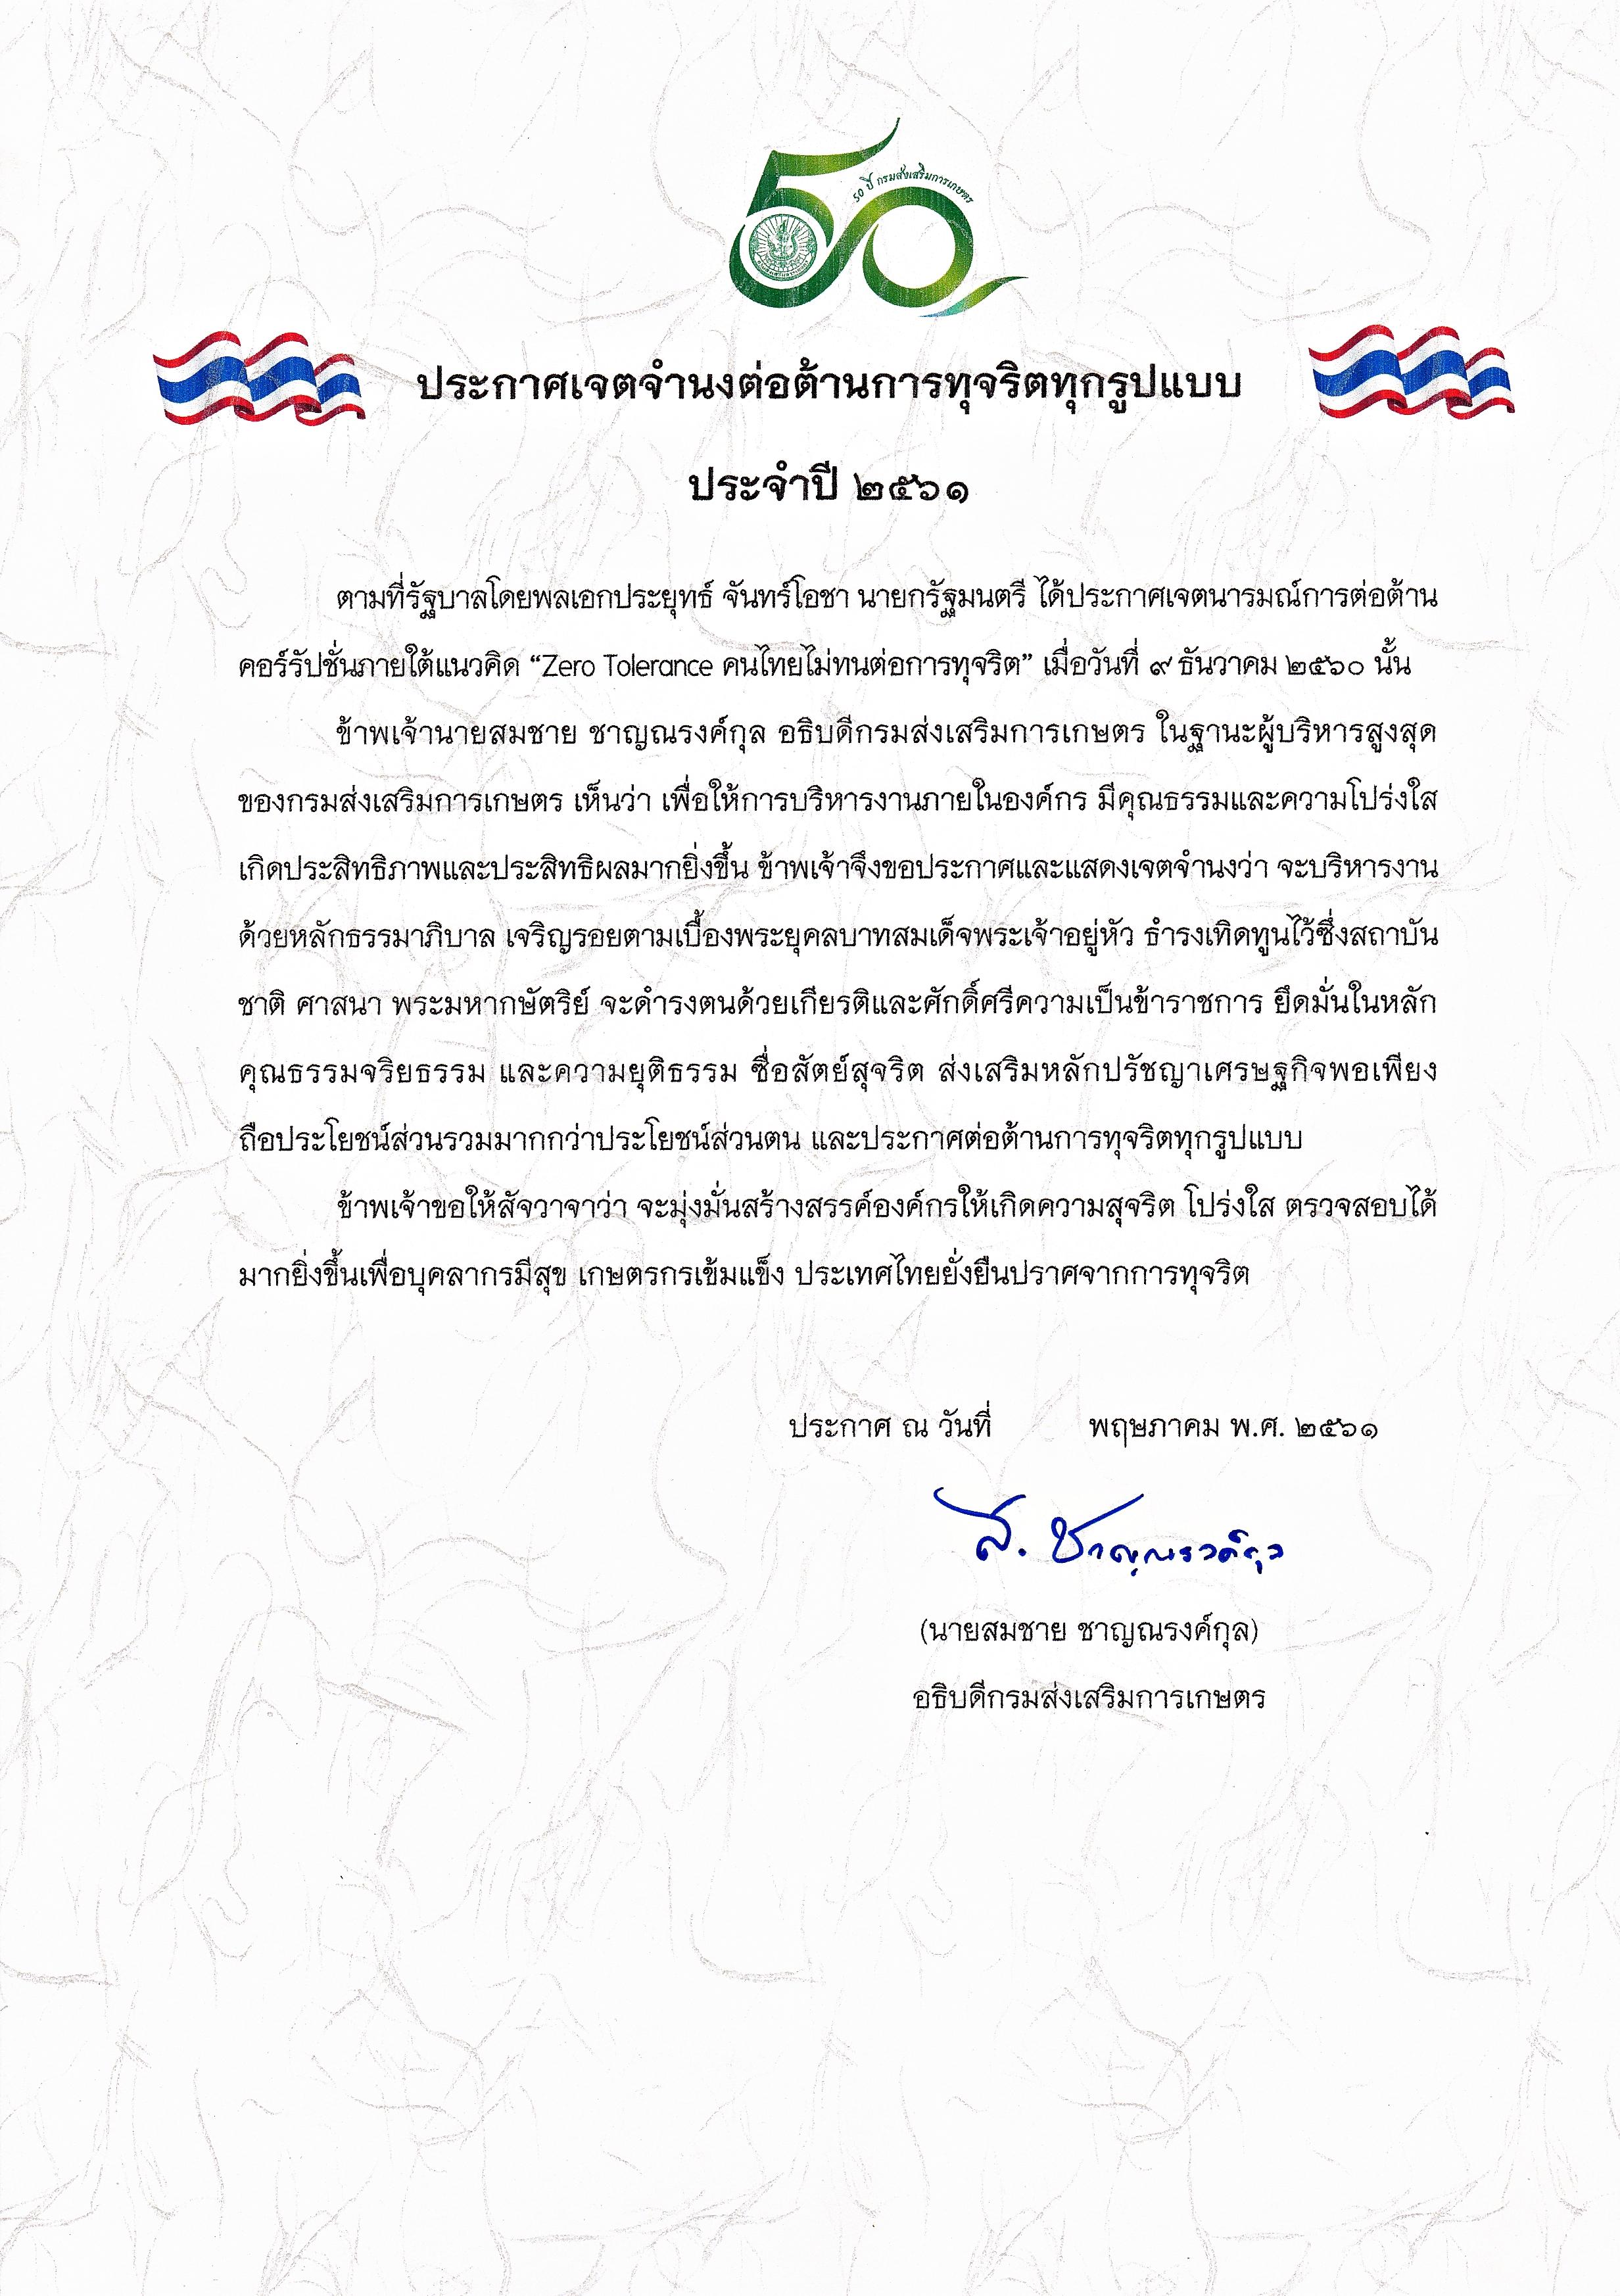 ประกาศไทย1